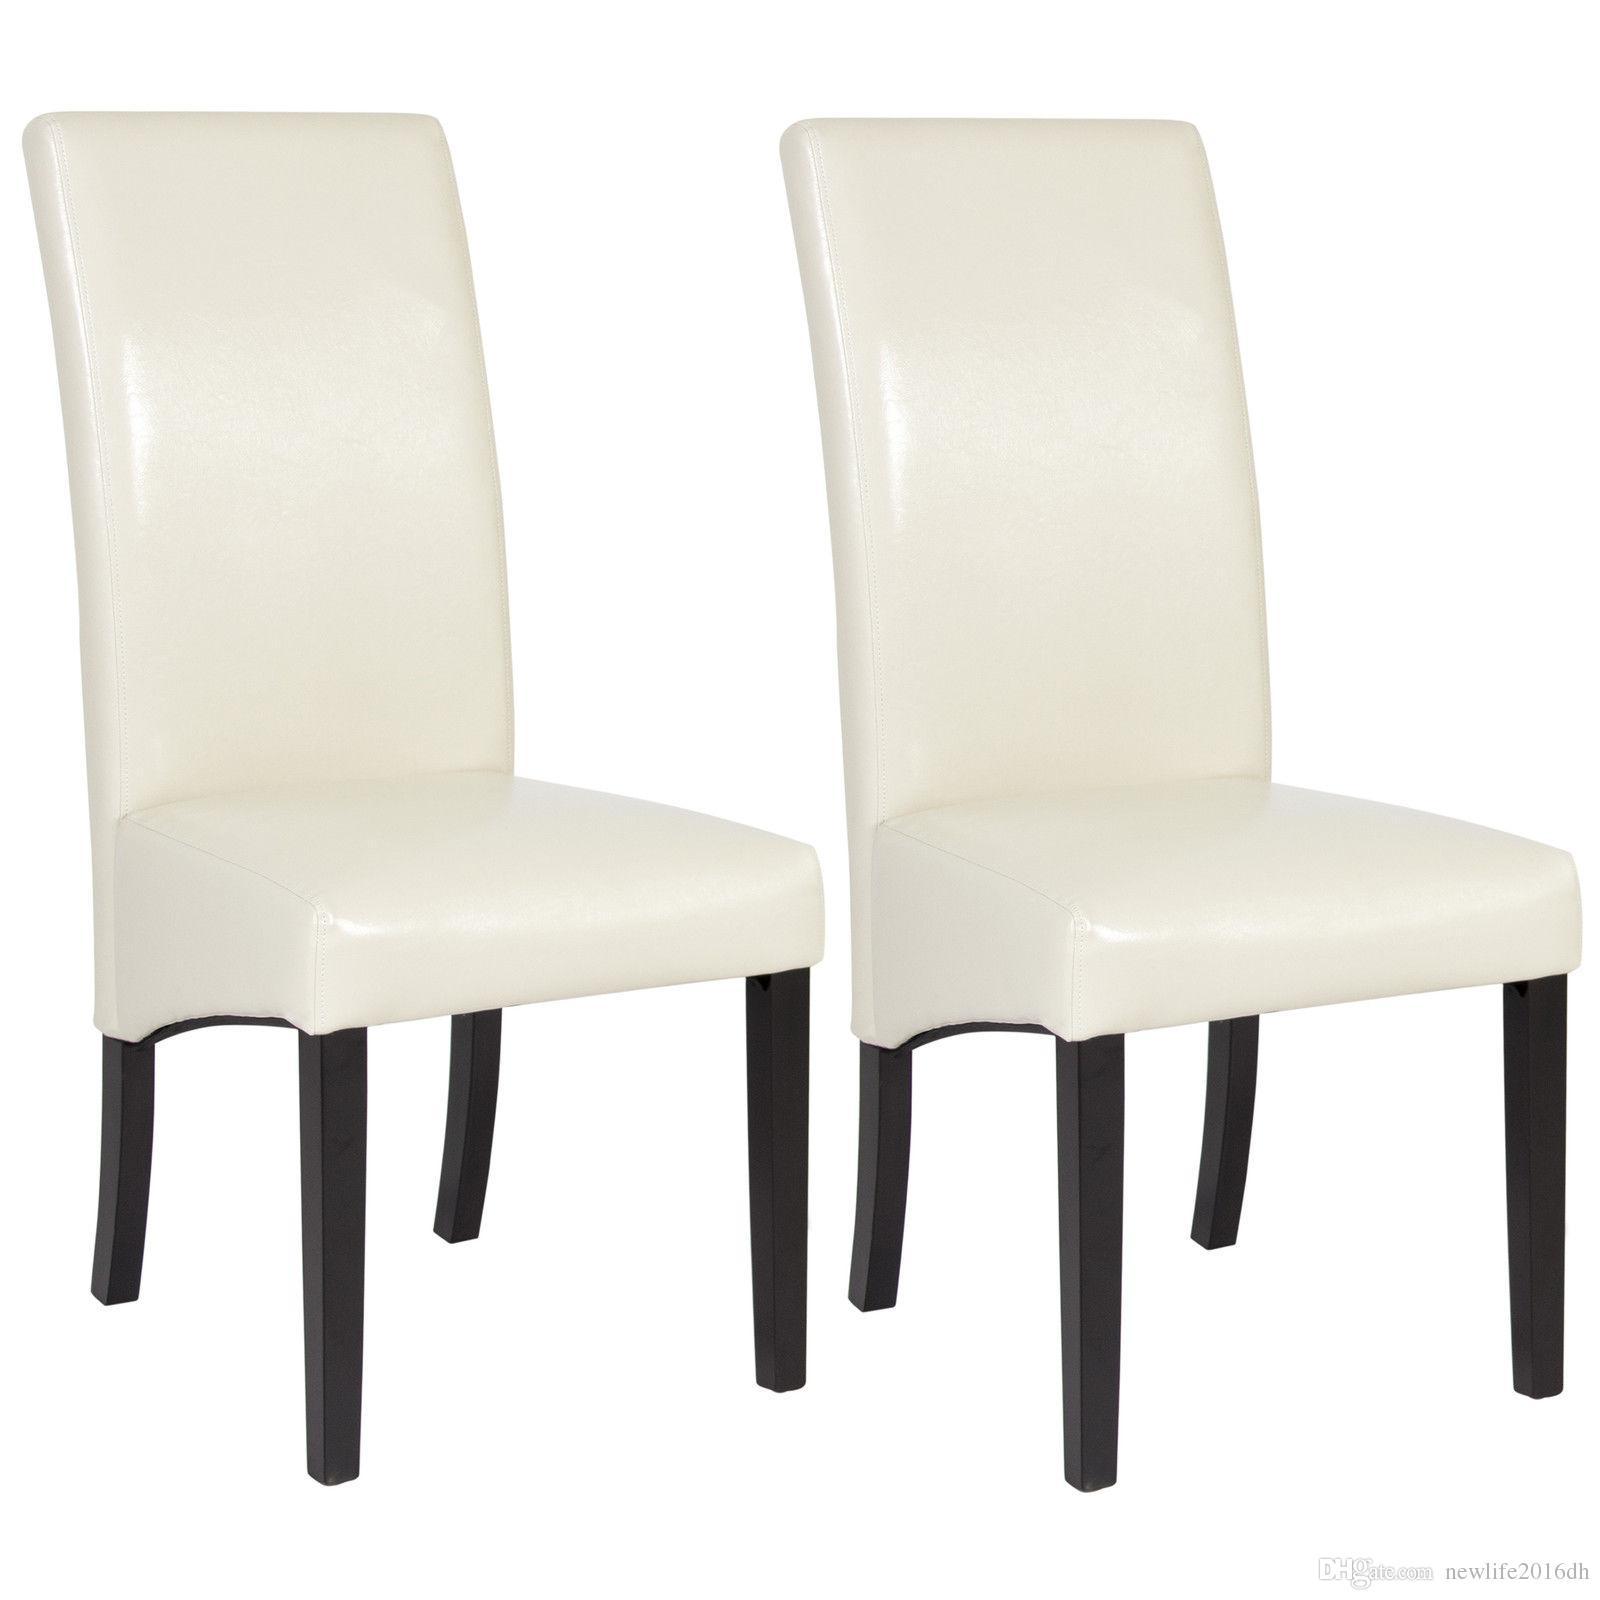 acheter bcp ensemble de 2 chaises de salle manger en cuir blanc design lgant mobilier contemporain de 8041 du newlife2016dh dhgatecom